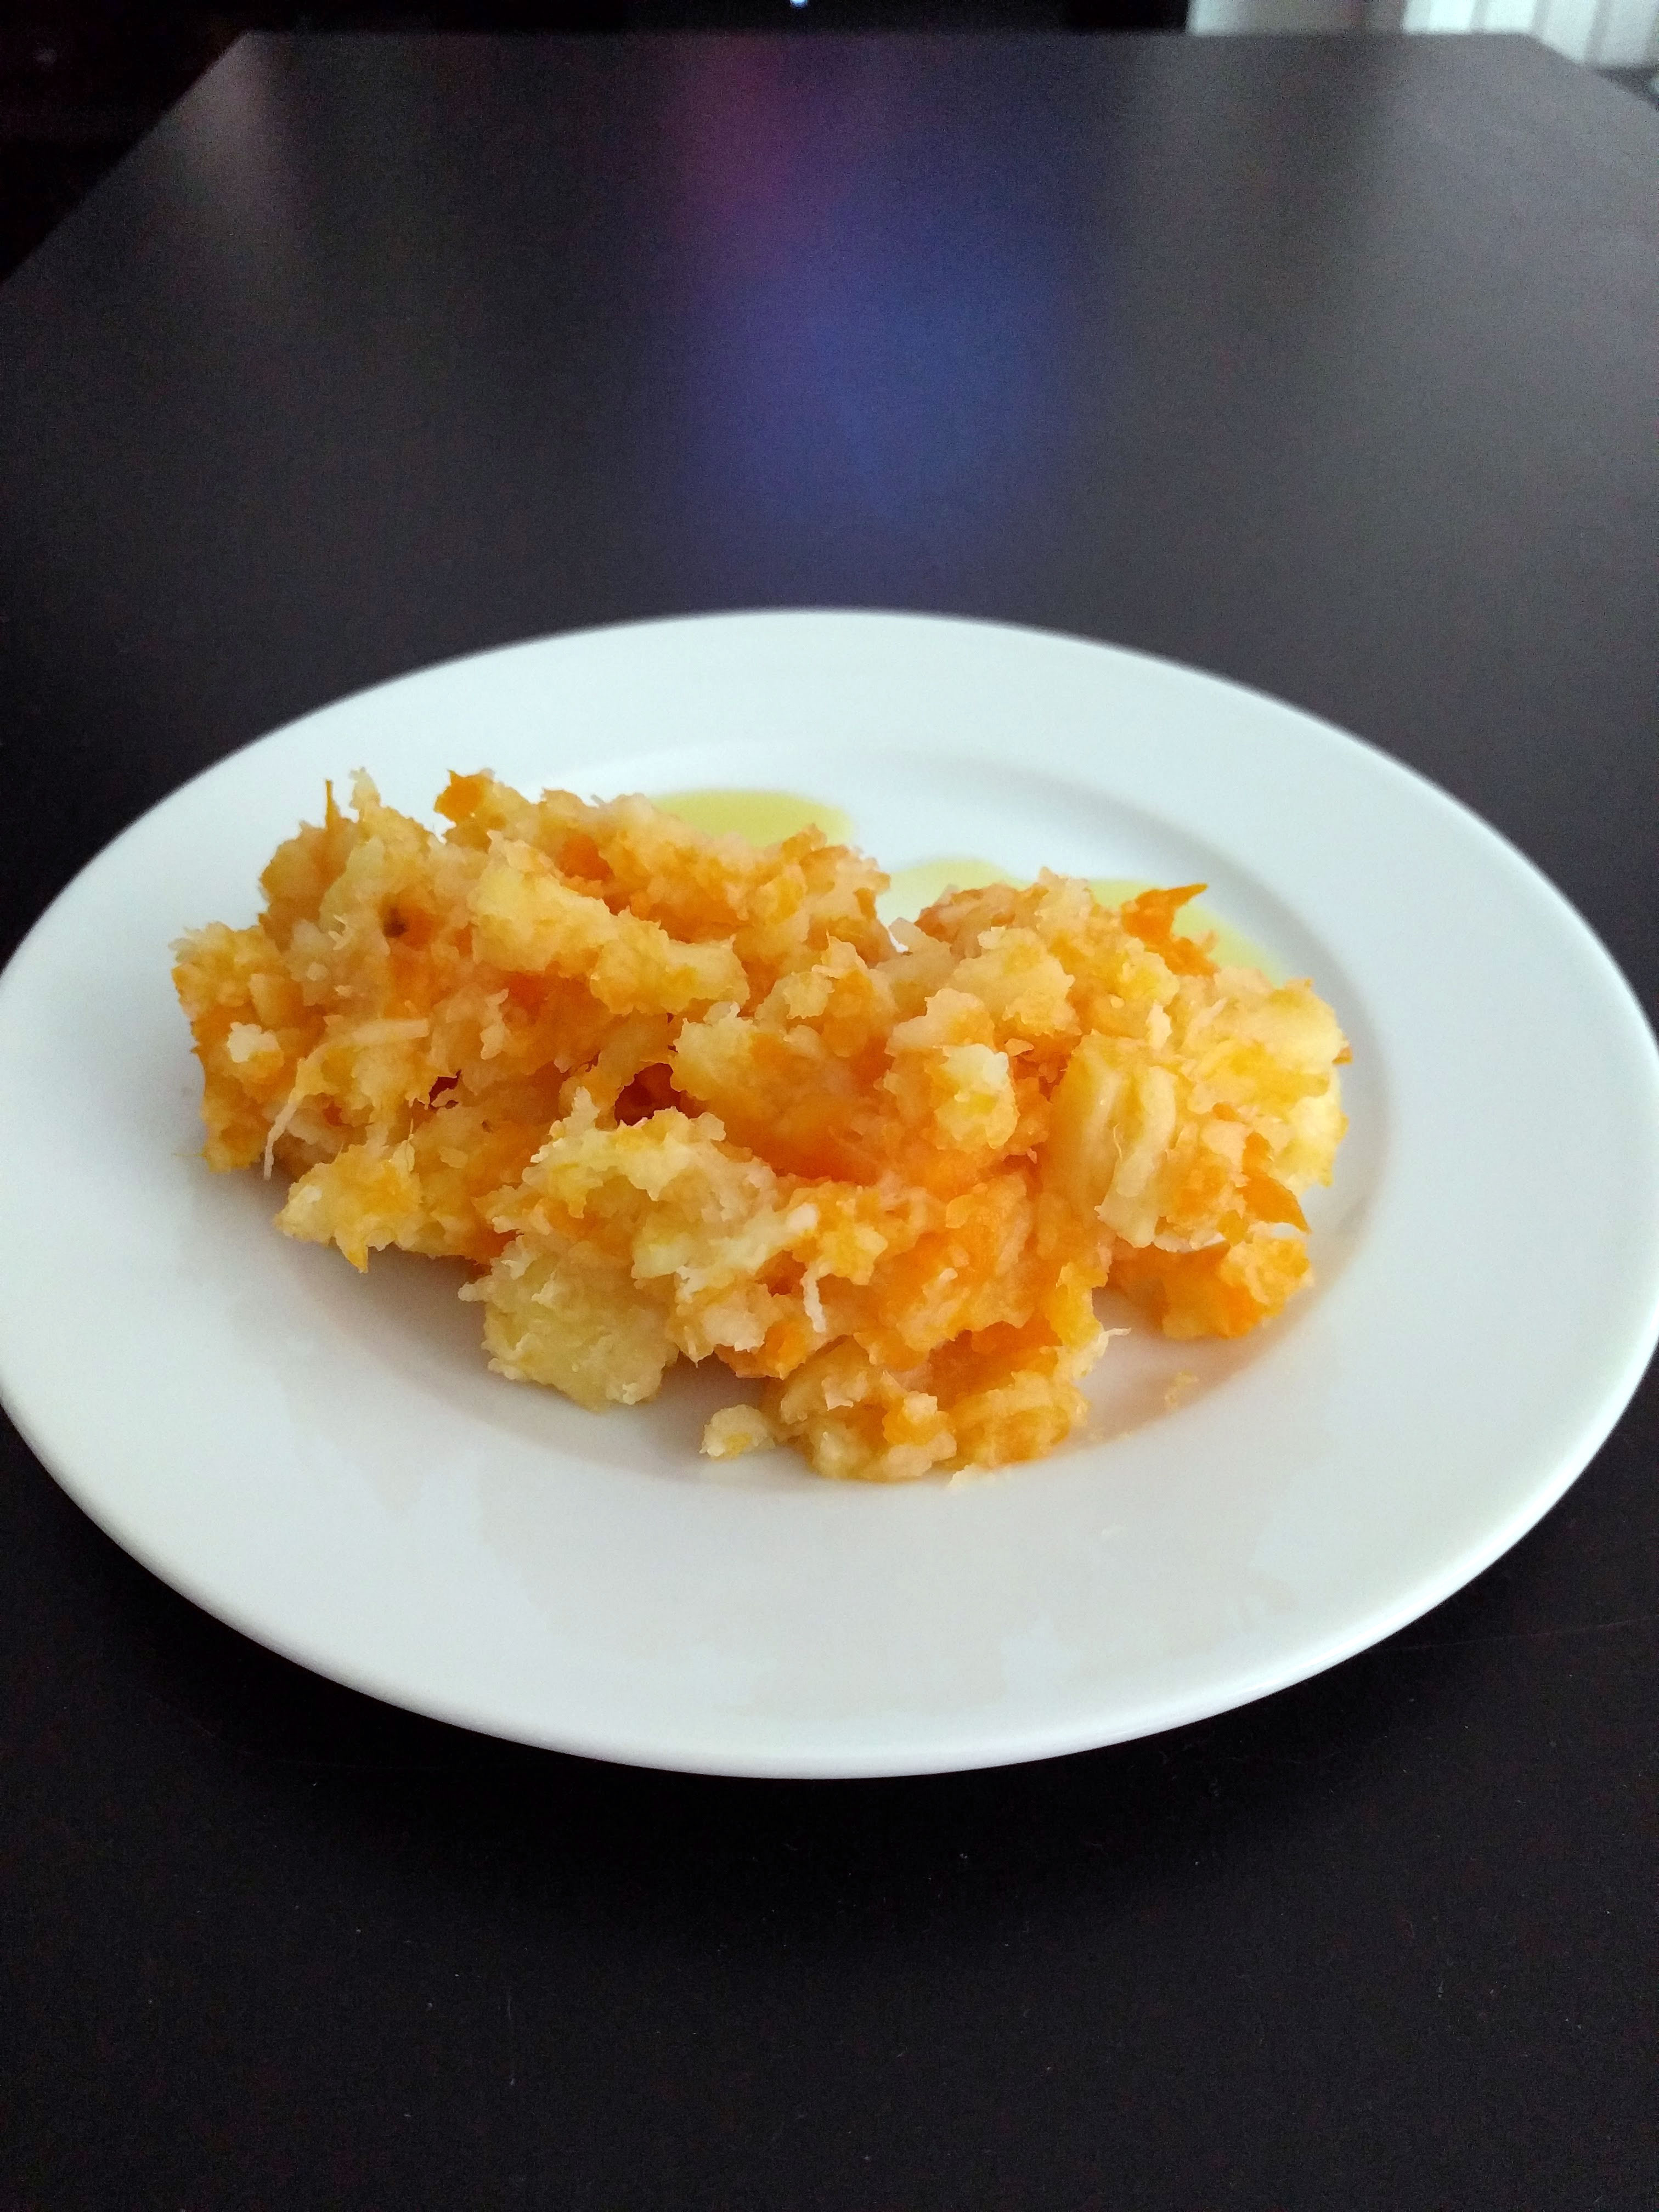 purée-patate-douce-pommes-de-terre-panais